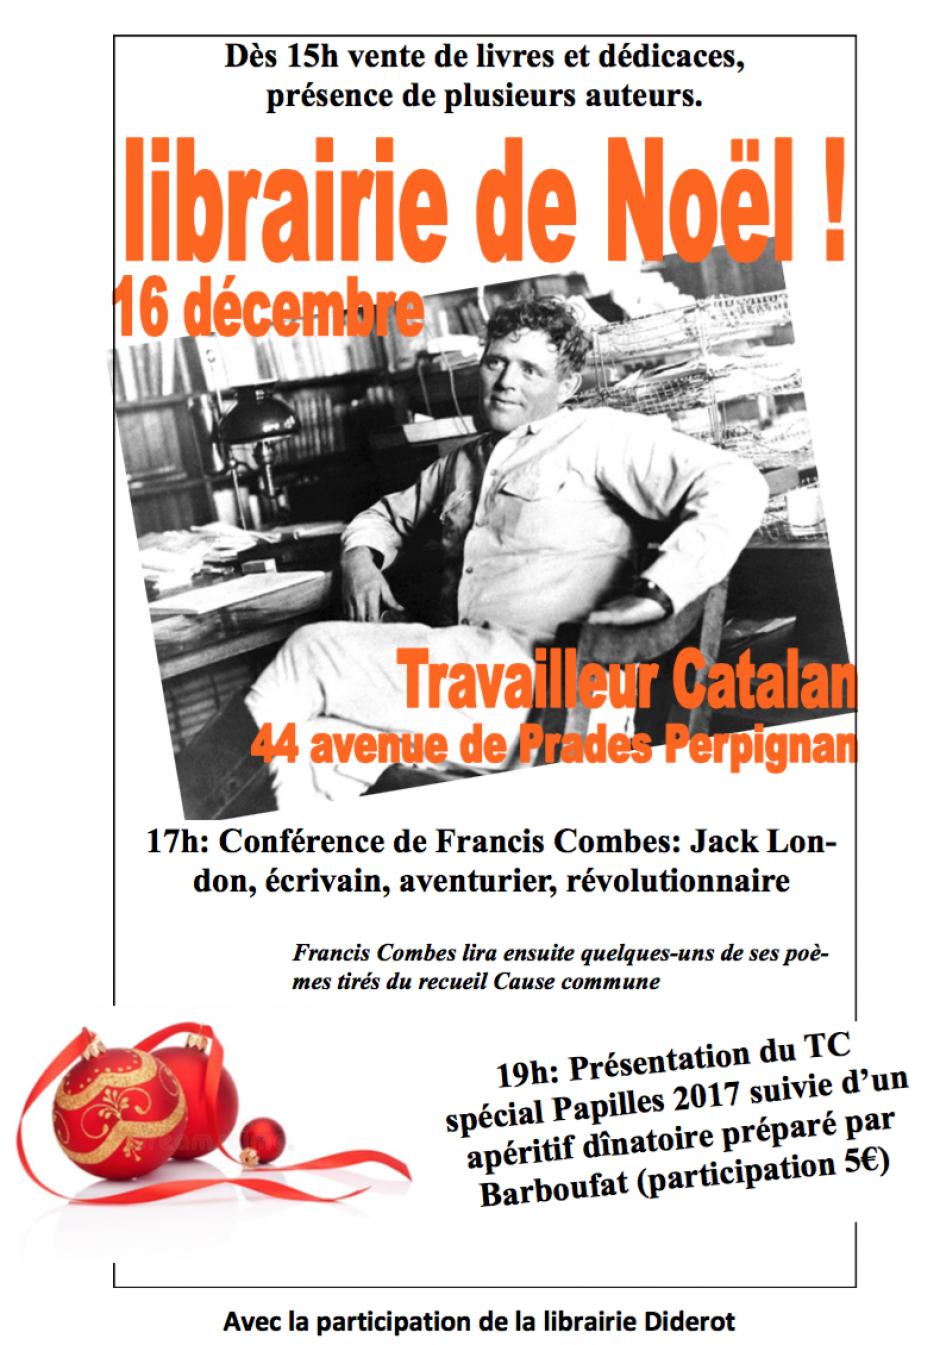 La librairie de Noël du PCF et du Travailleur Catalan